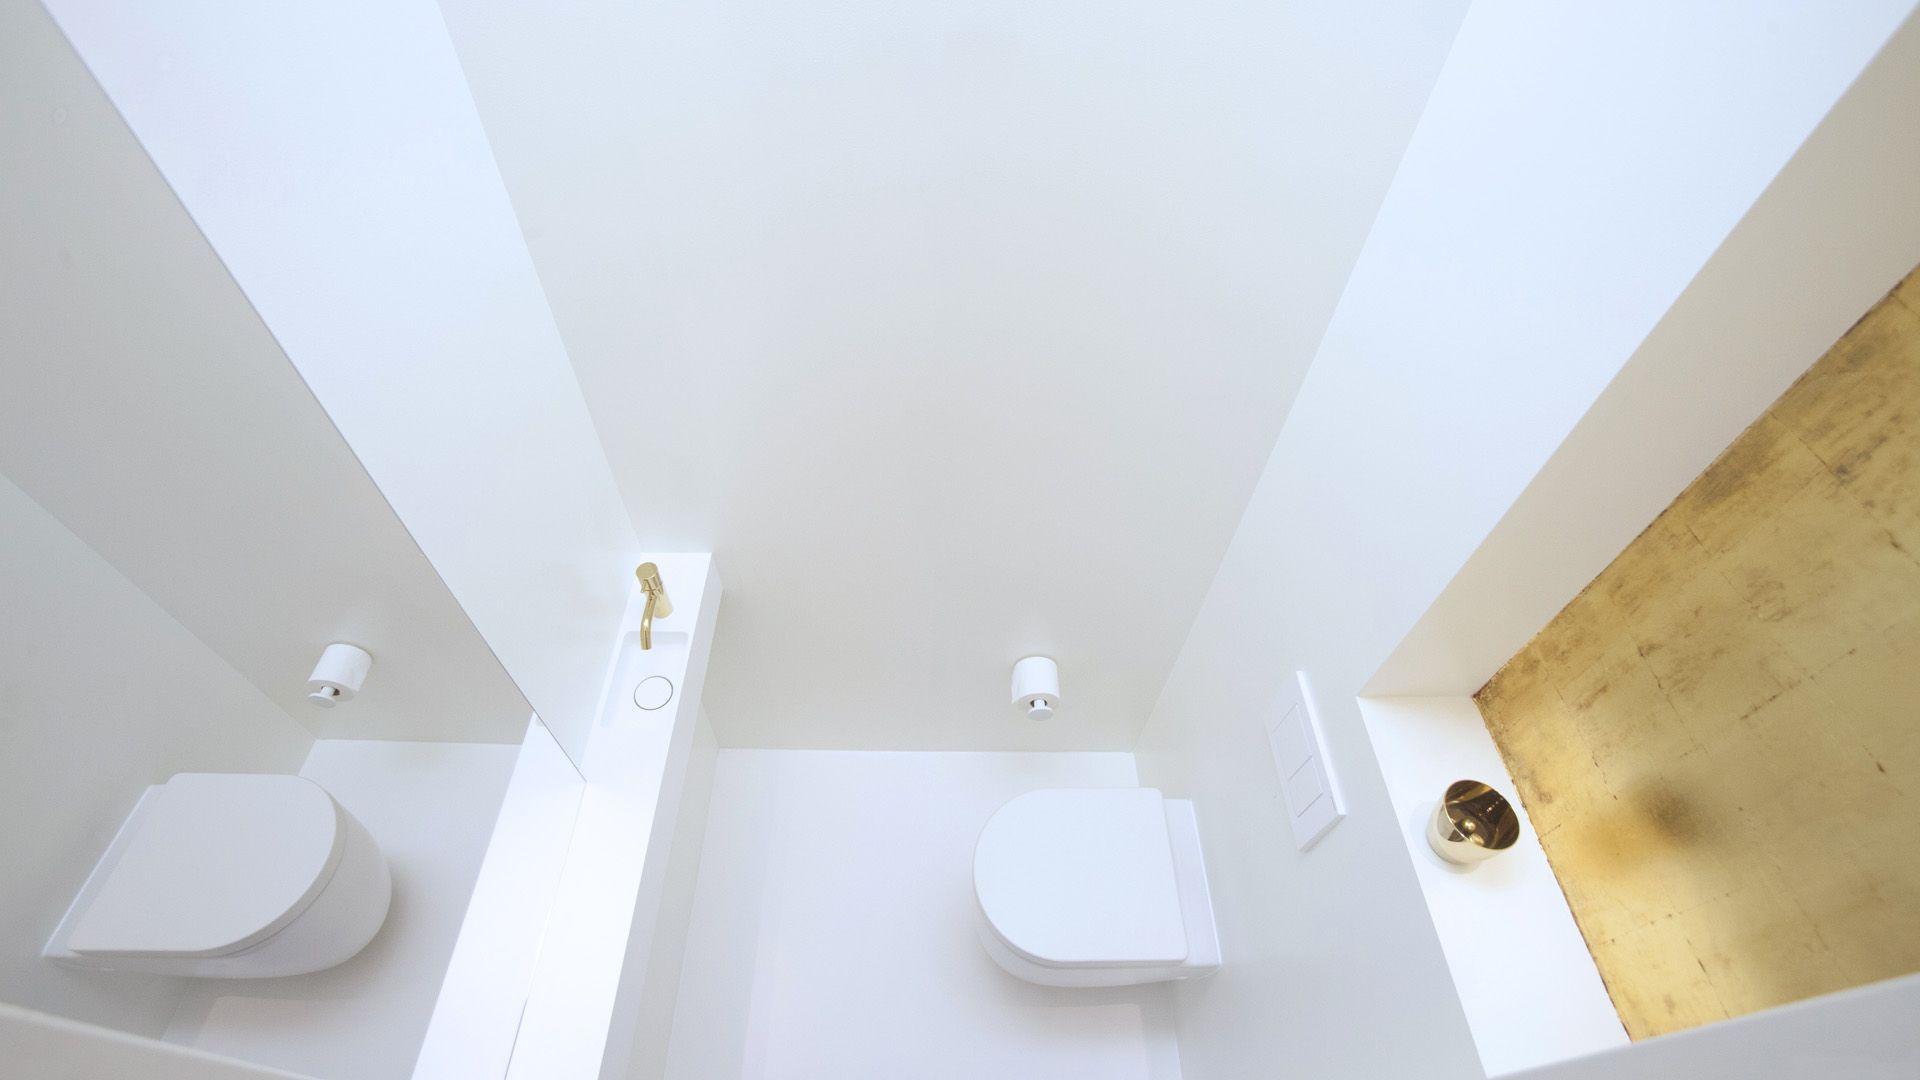 Strakke Interieur Inrichting : Strak en wit toilet met gouden accenten interieur inrichting